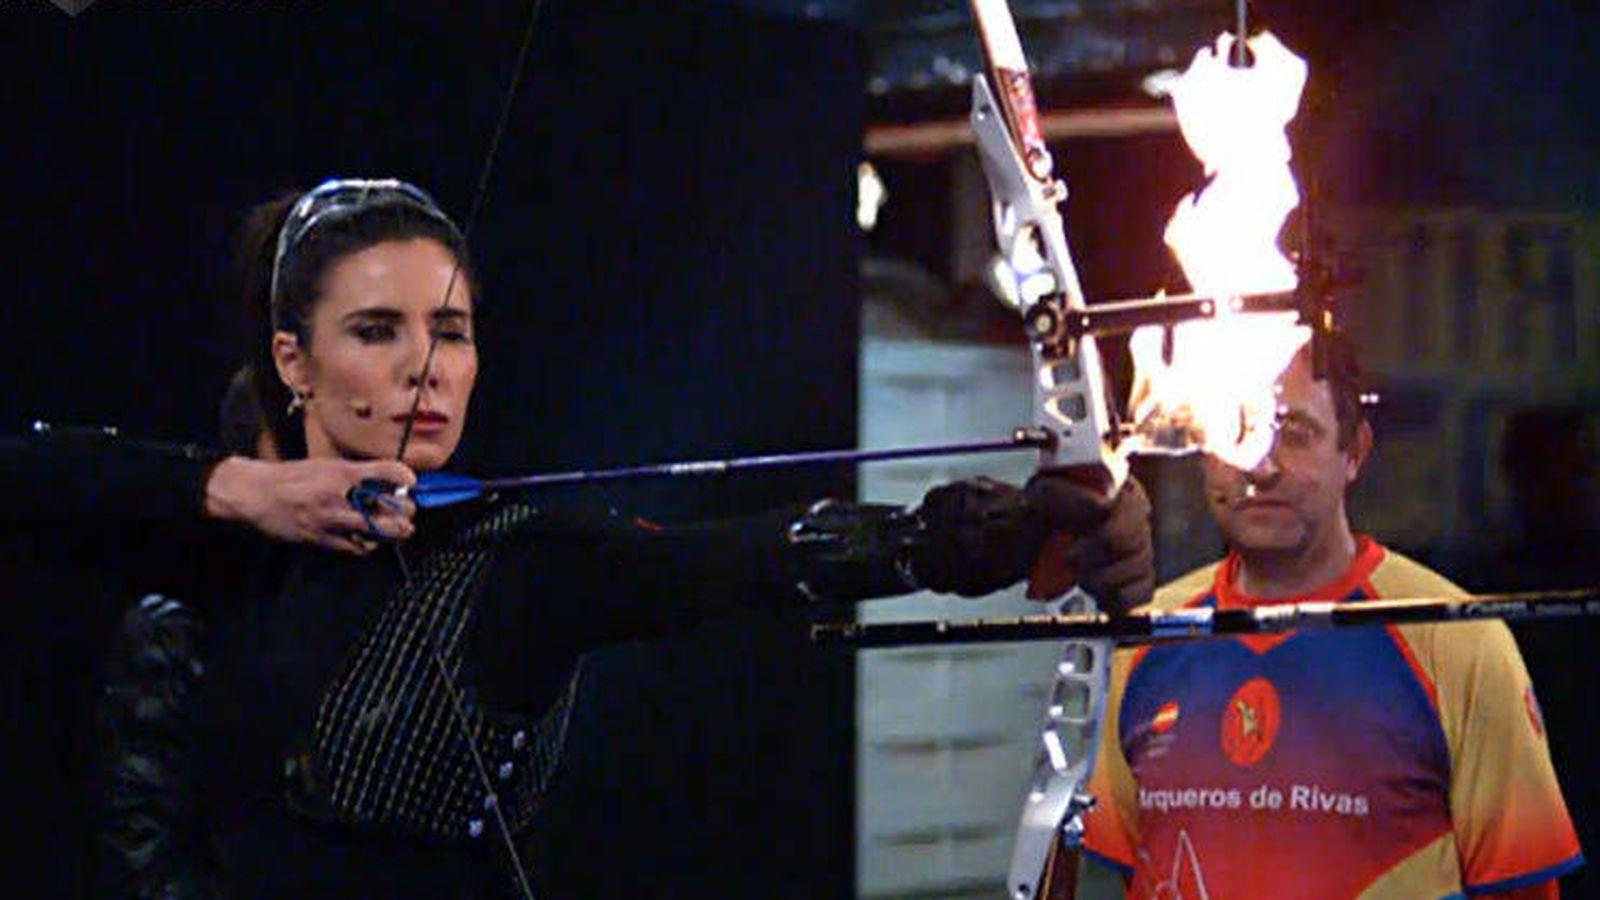 Foto: Pilar Rubio a punto de lanzar la flecha en llamas en 'El hormiguero'